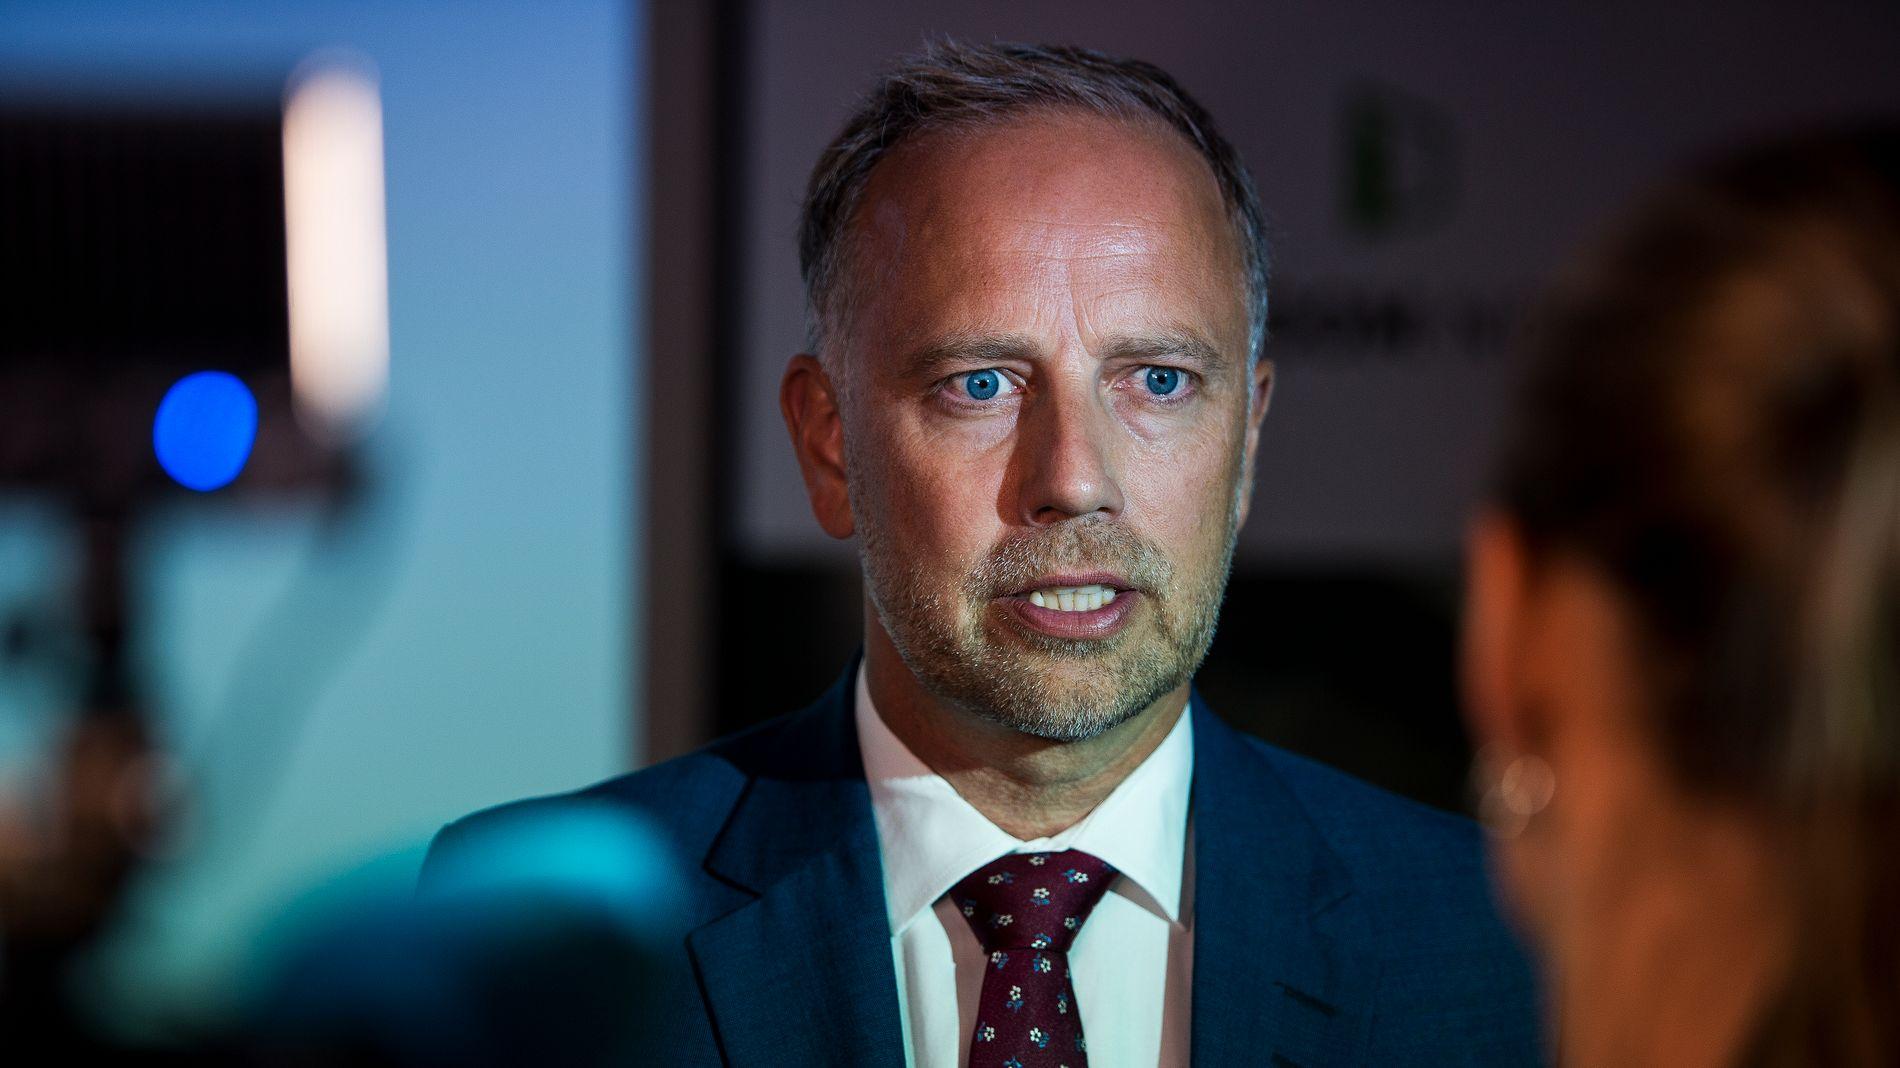 VENTER INGEN SJOKK: Eiendom Norge-sjef Christian Dreyer tror Finanstilsynet vil anbefale Siv Jensen å beholde boliglånsforskriften med små eller ingen endringer.